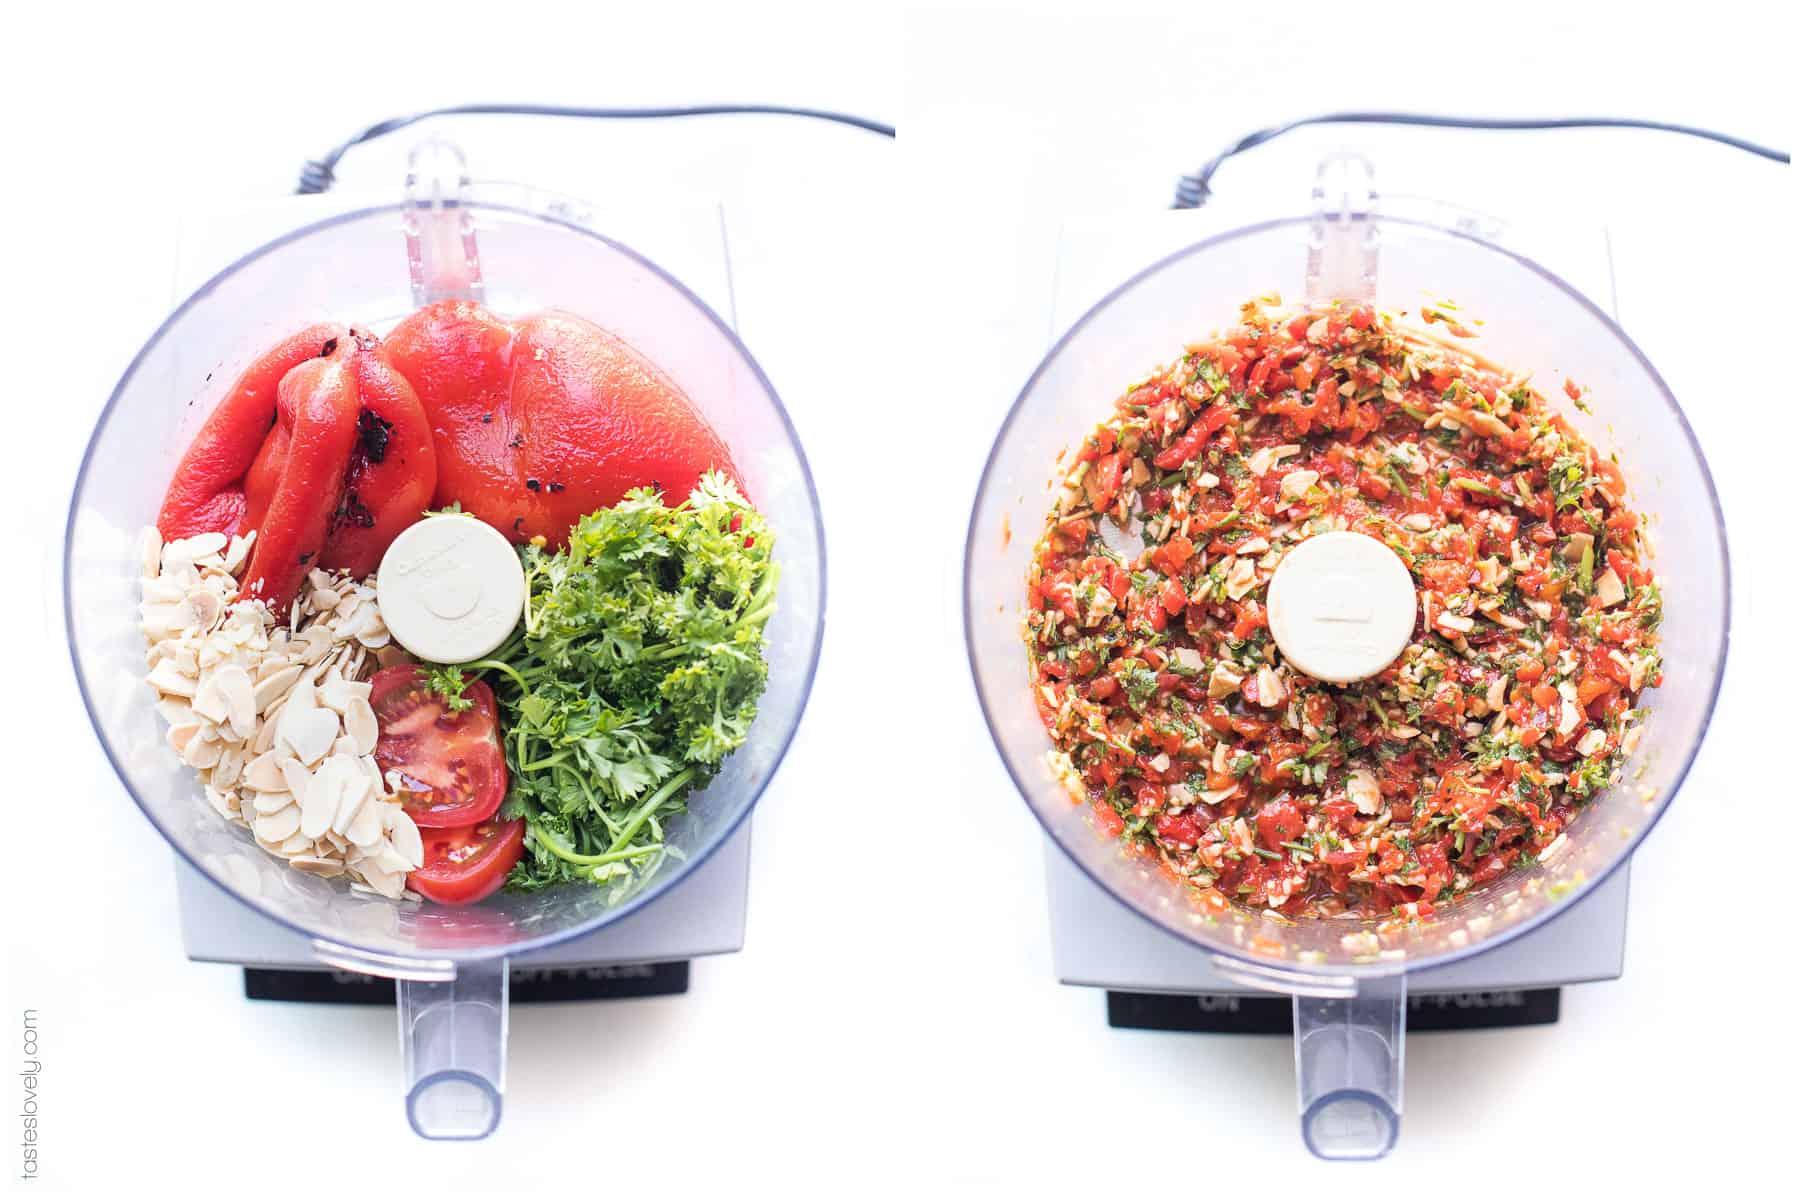 Red pepper salsa in a food processor